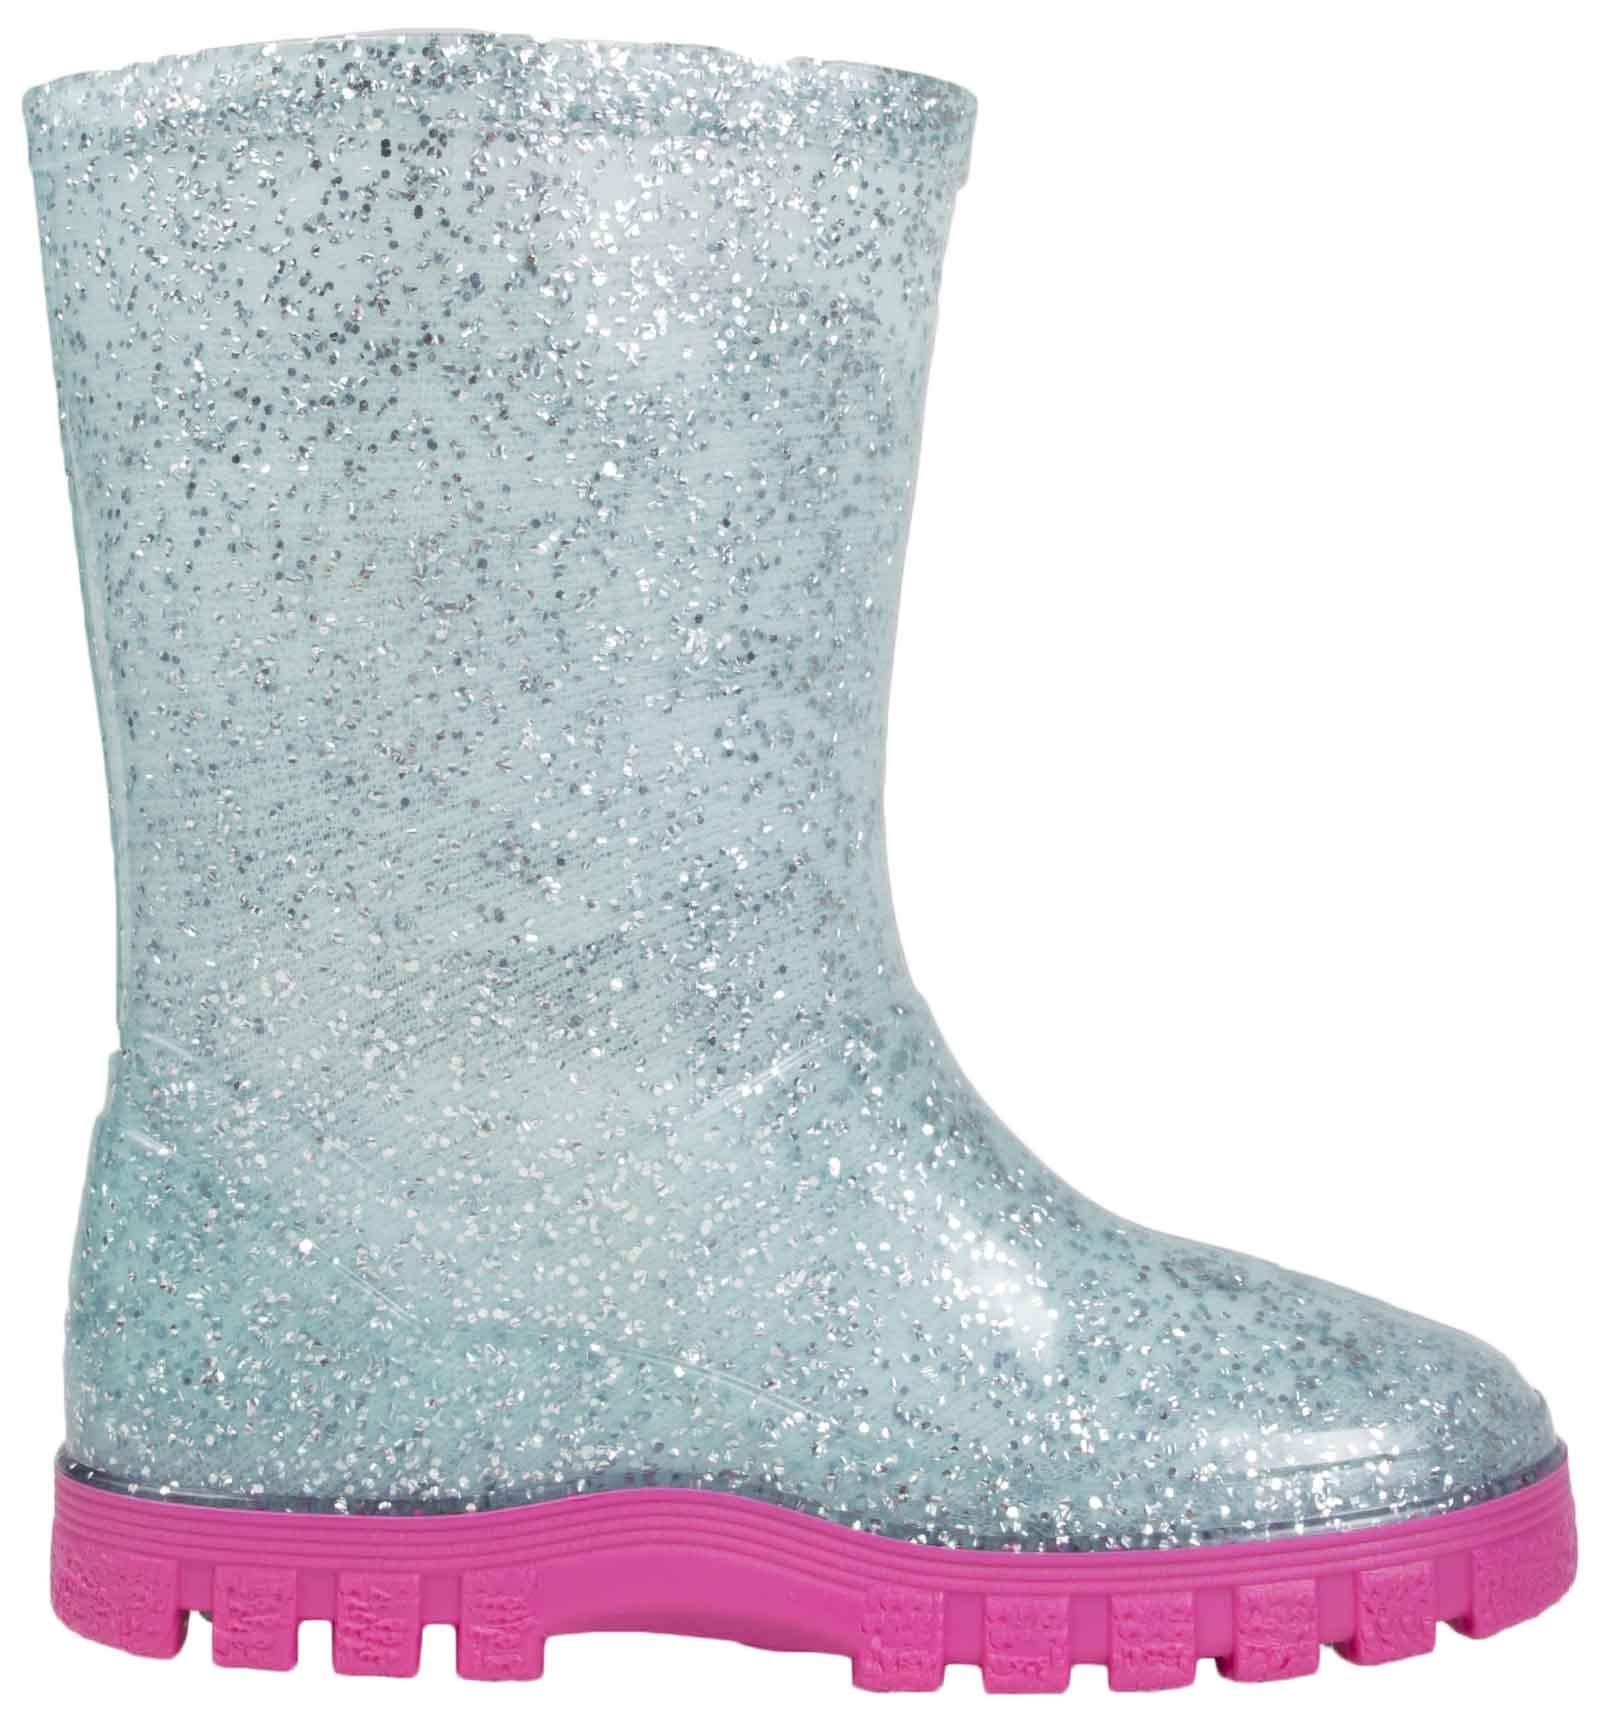 Girls-Peppa-Pig-Wellington-Boots-Mid-Calf-Gitter-Snow-Rain-Wellies-Kids-Size Indexbild 4